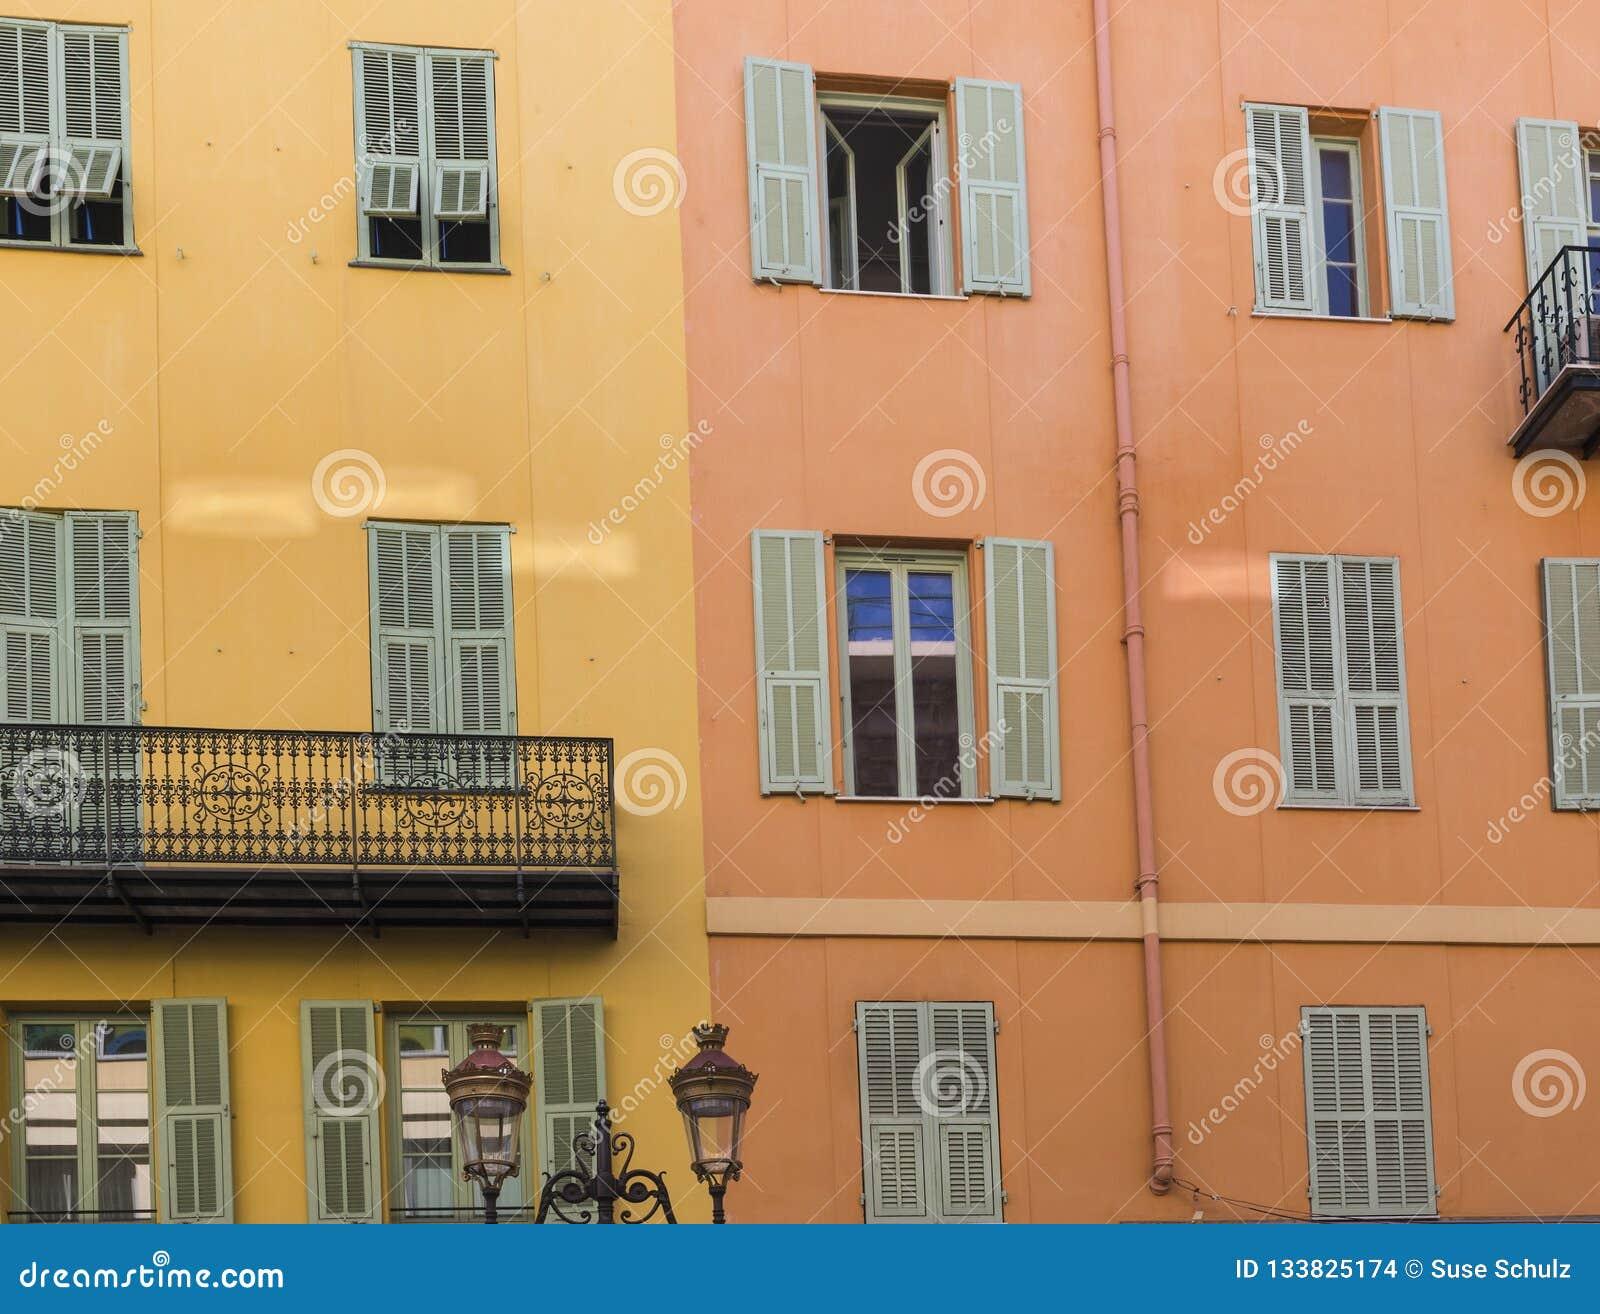 Couleur Volet En Provence volets et windows sur les maisons colorées à nice, france